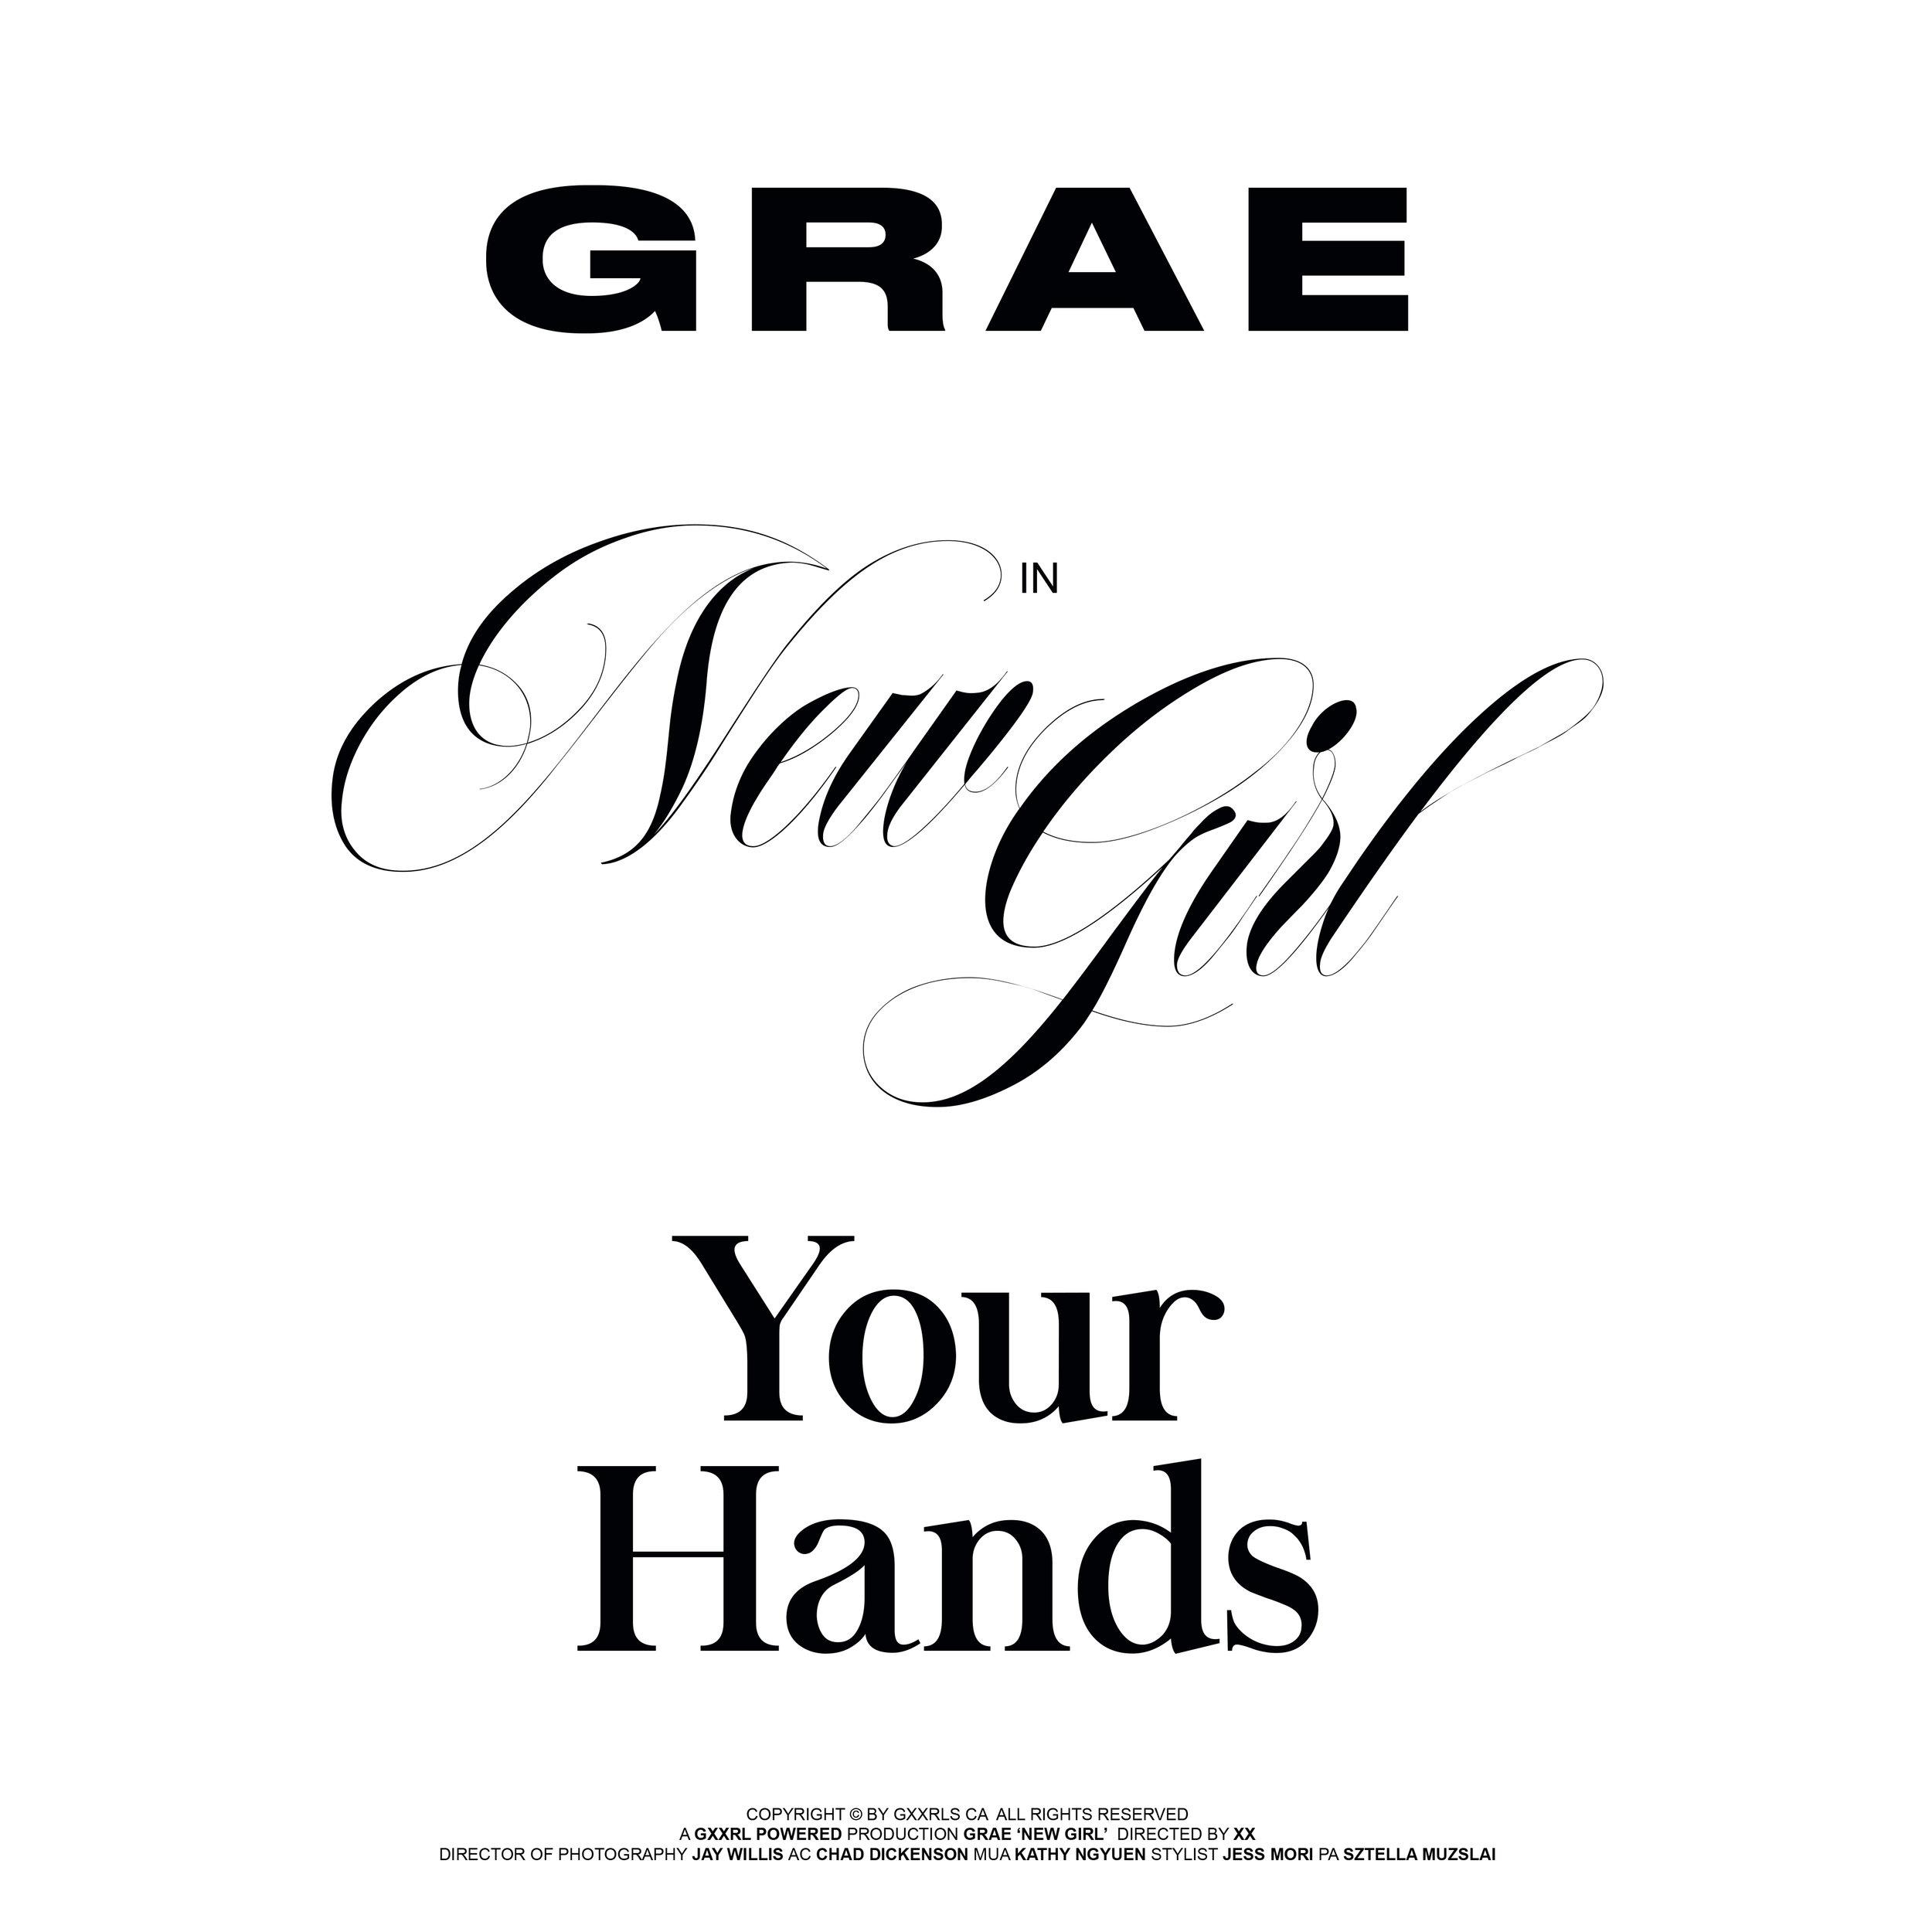 Grae_Logos_Titles-Squarespace.jpg